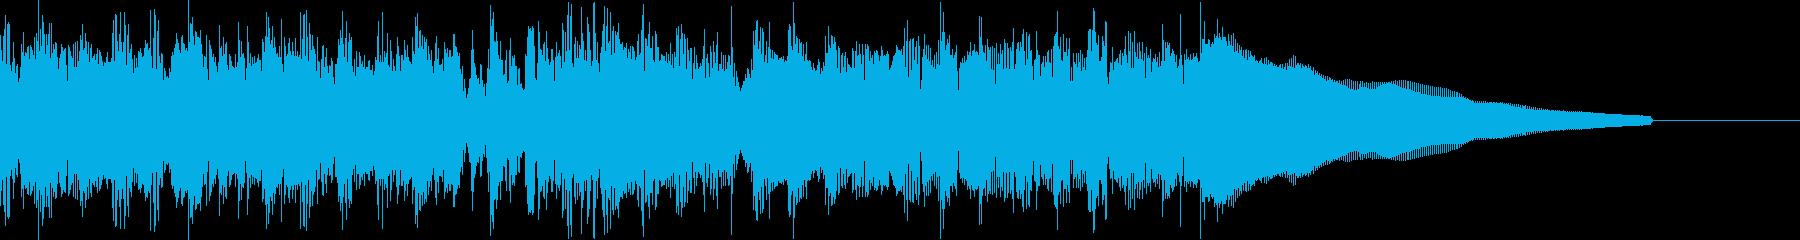 カントリー風ギターイントロ−07Bの再生済みの波形